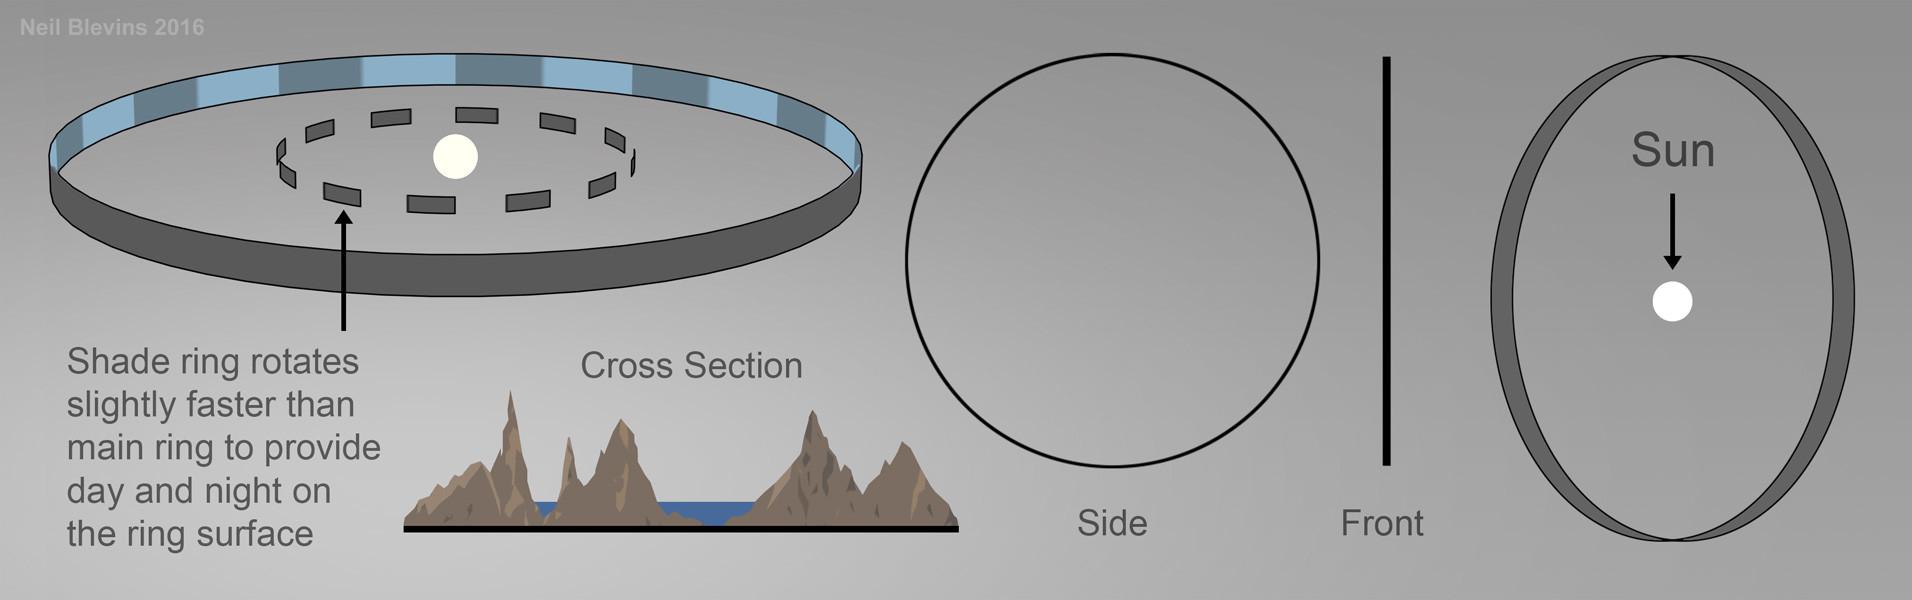 Neil blevins megastructures 1 ringworld color sketch